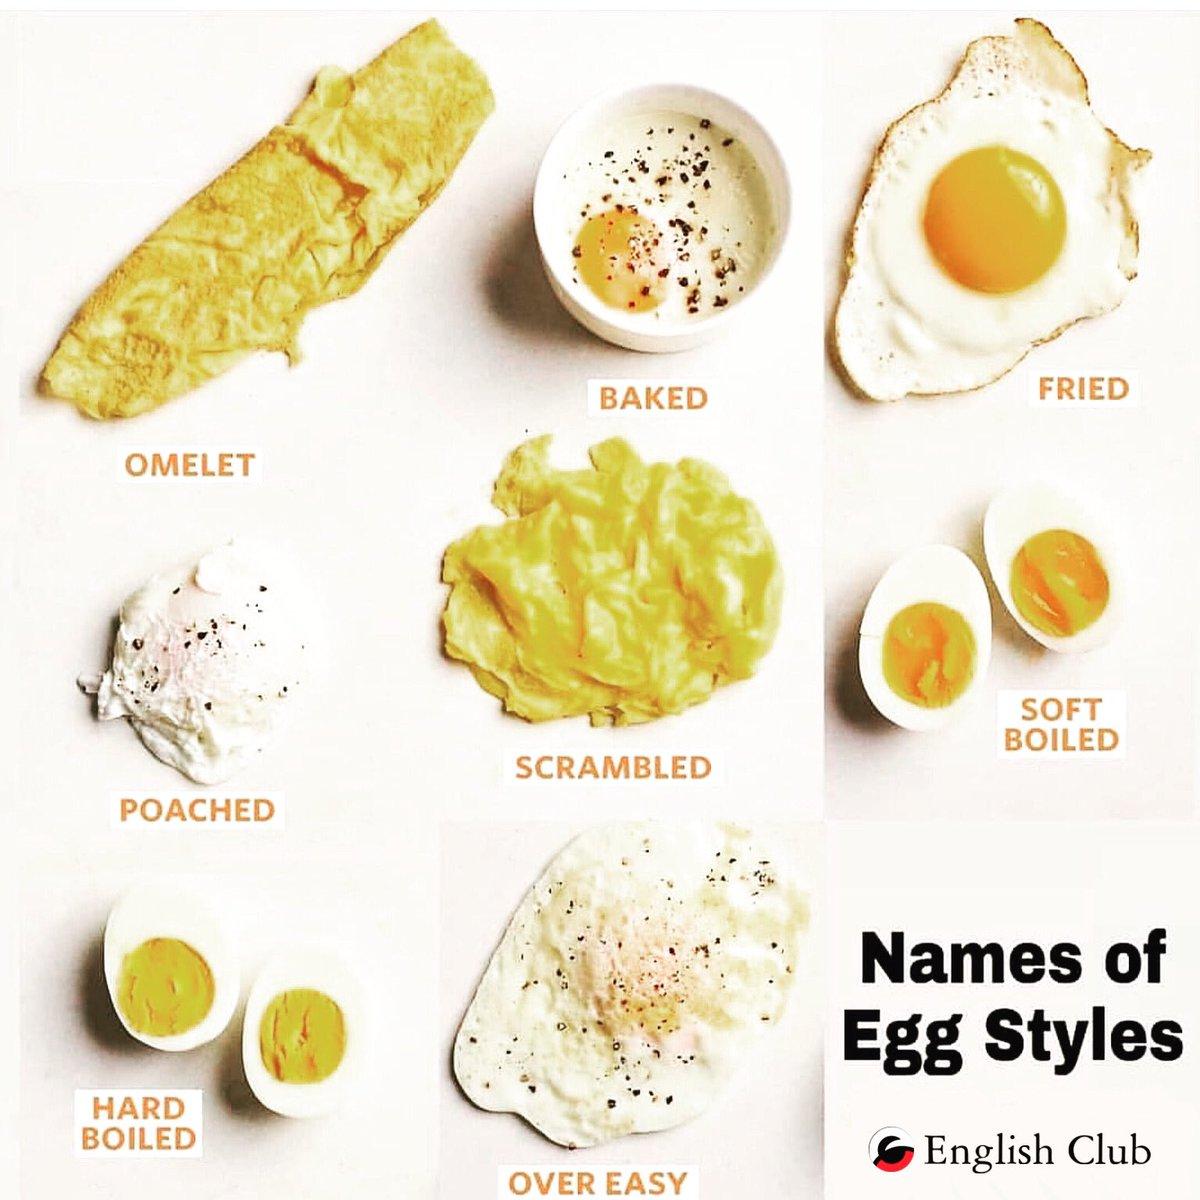 Types of Eggs.. #vocabularybuilding #pronouncingthingsincorrectly #englishclubbhubaneswar #bhubaneshwarpic.twitter.com/MwJmBTsbNI